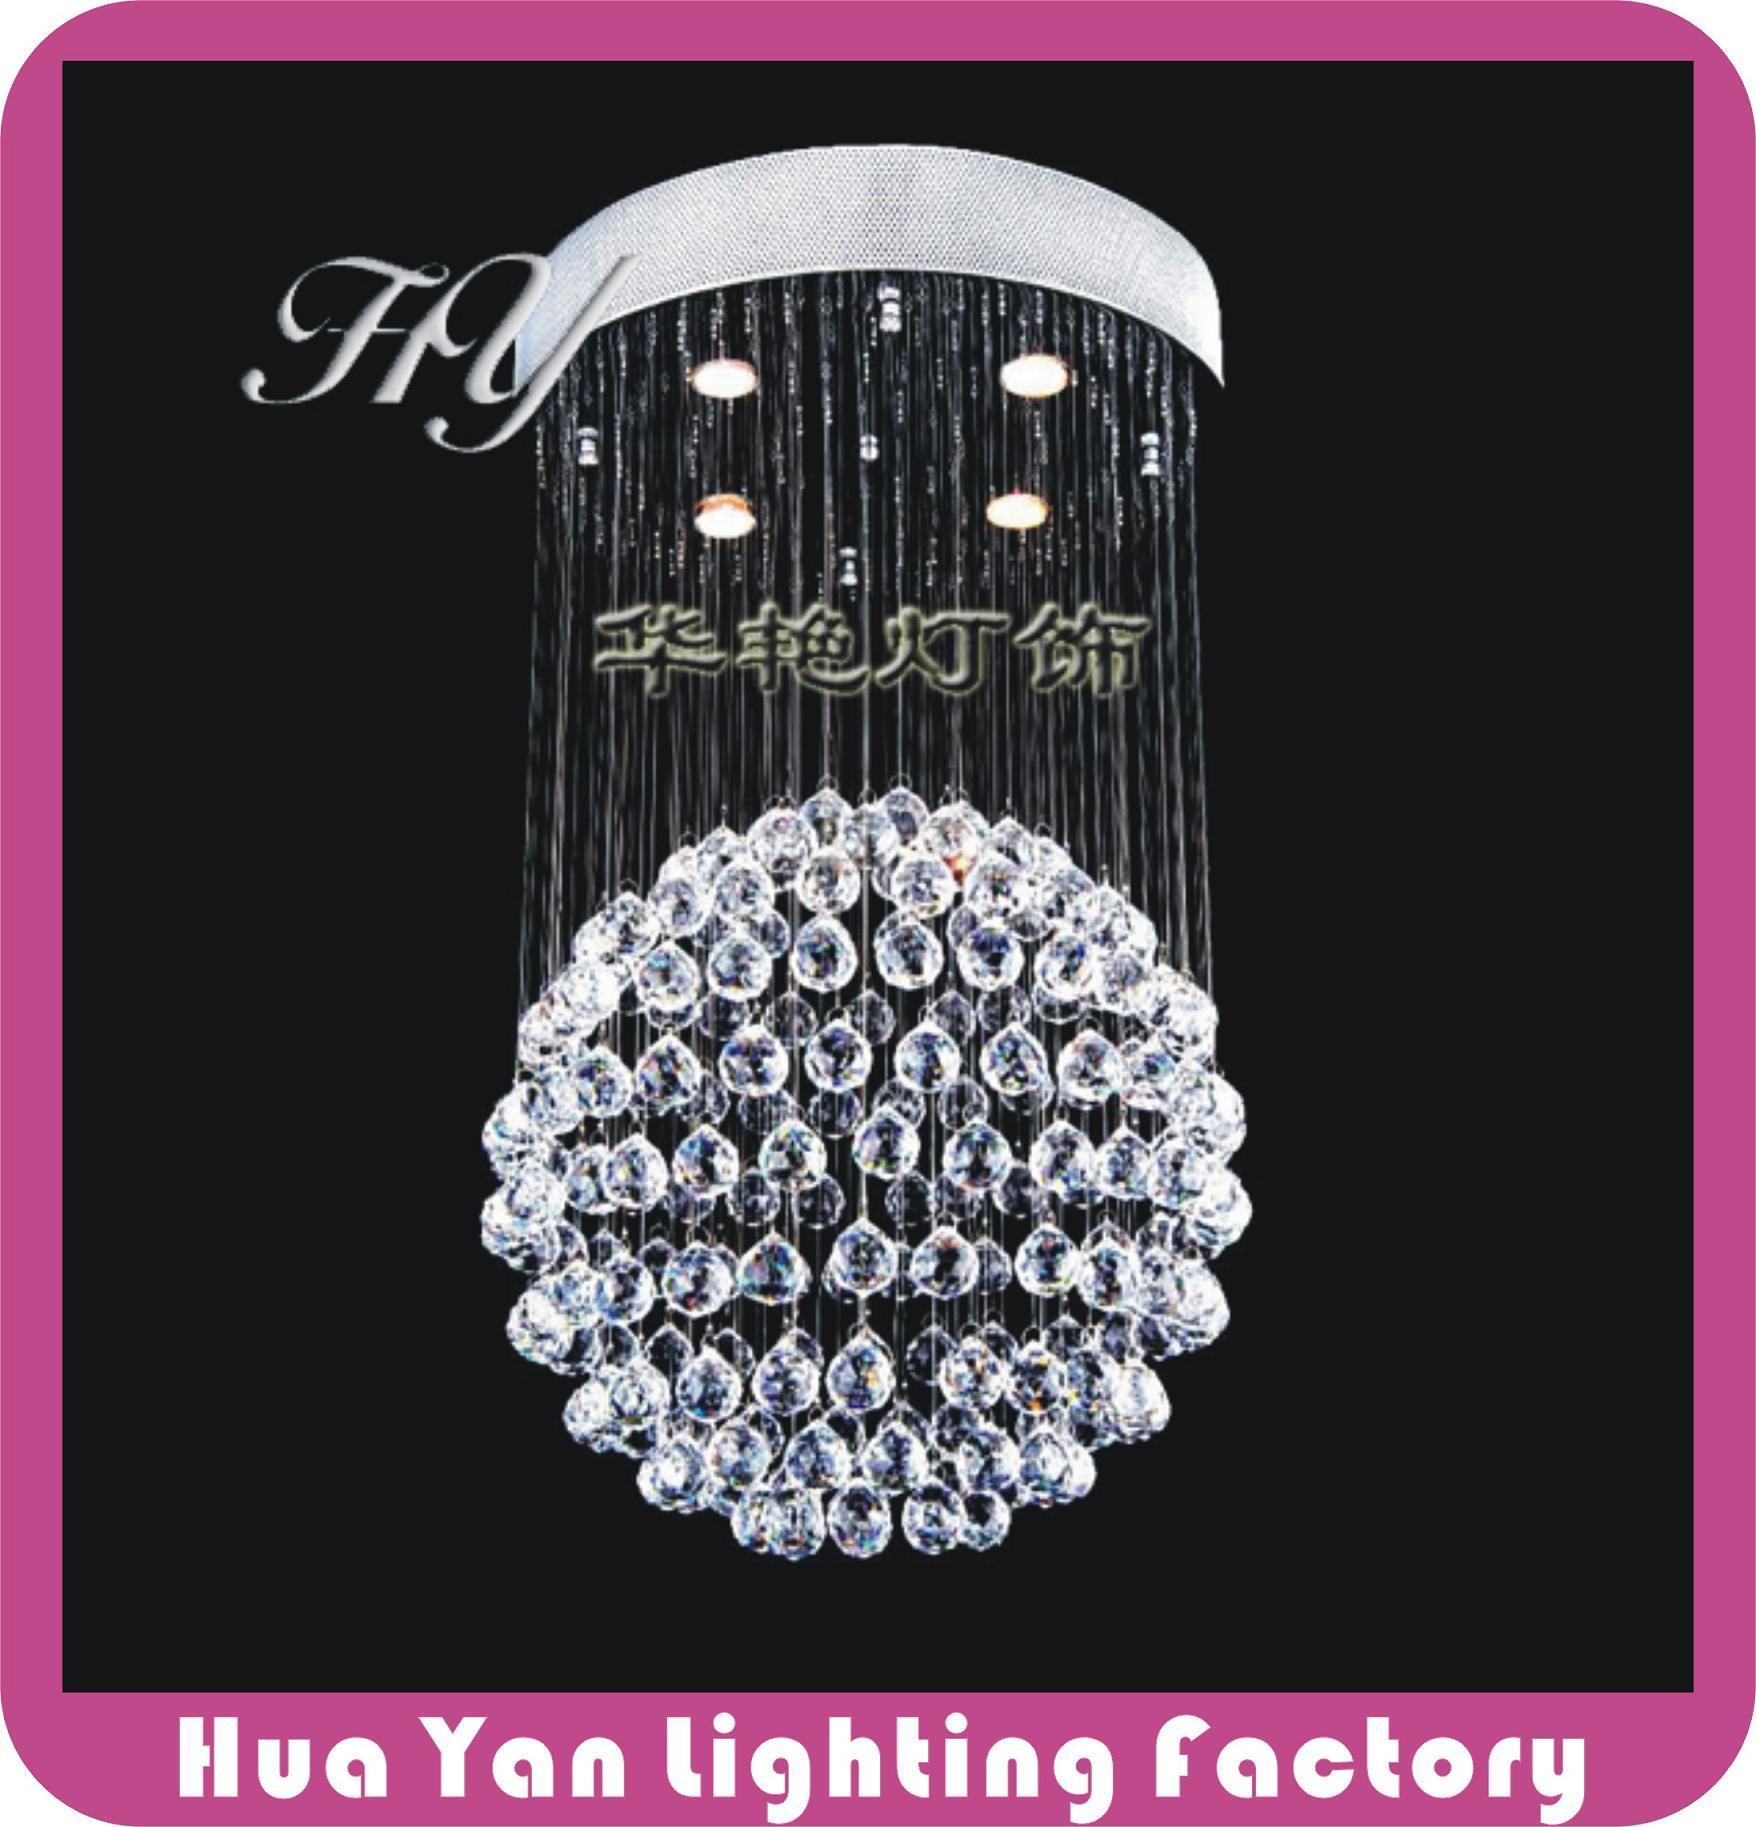 lustre en cristal md0040a lustre en cristal md0040a fournis par hua yan lighting gu zhen zhong. Black Bedroom Furniture Sets. Home Design Ideas